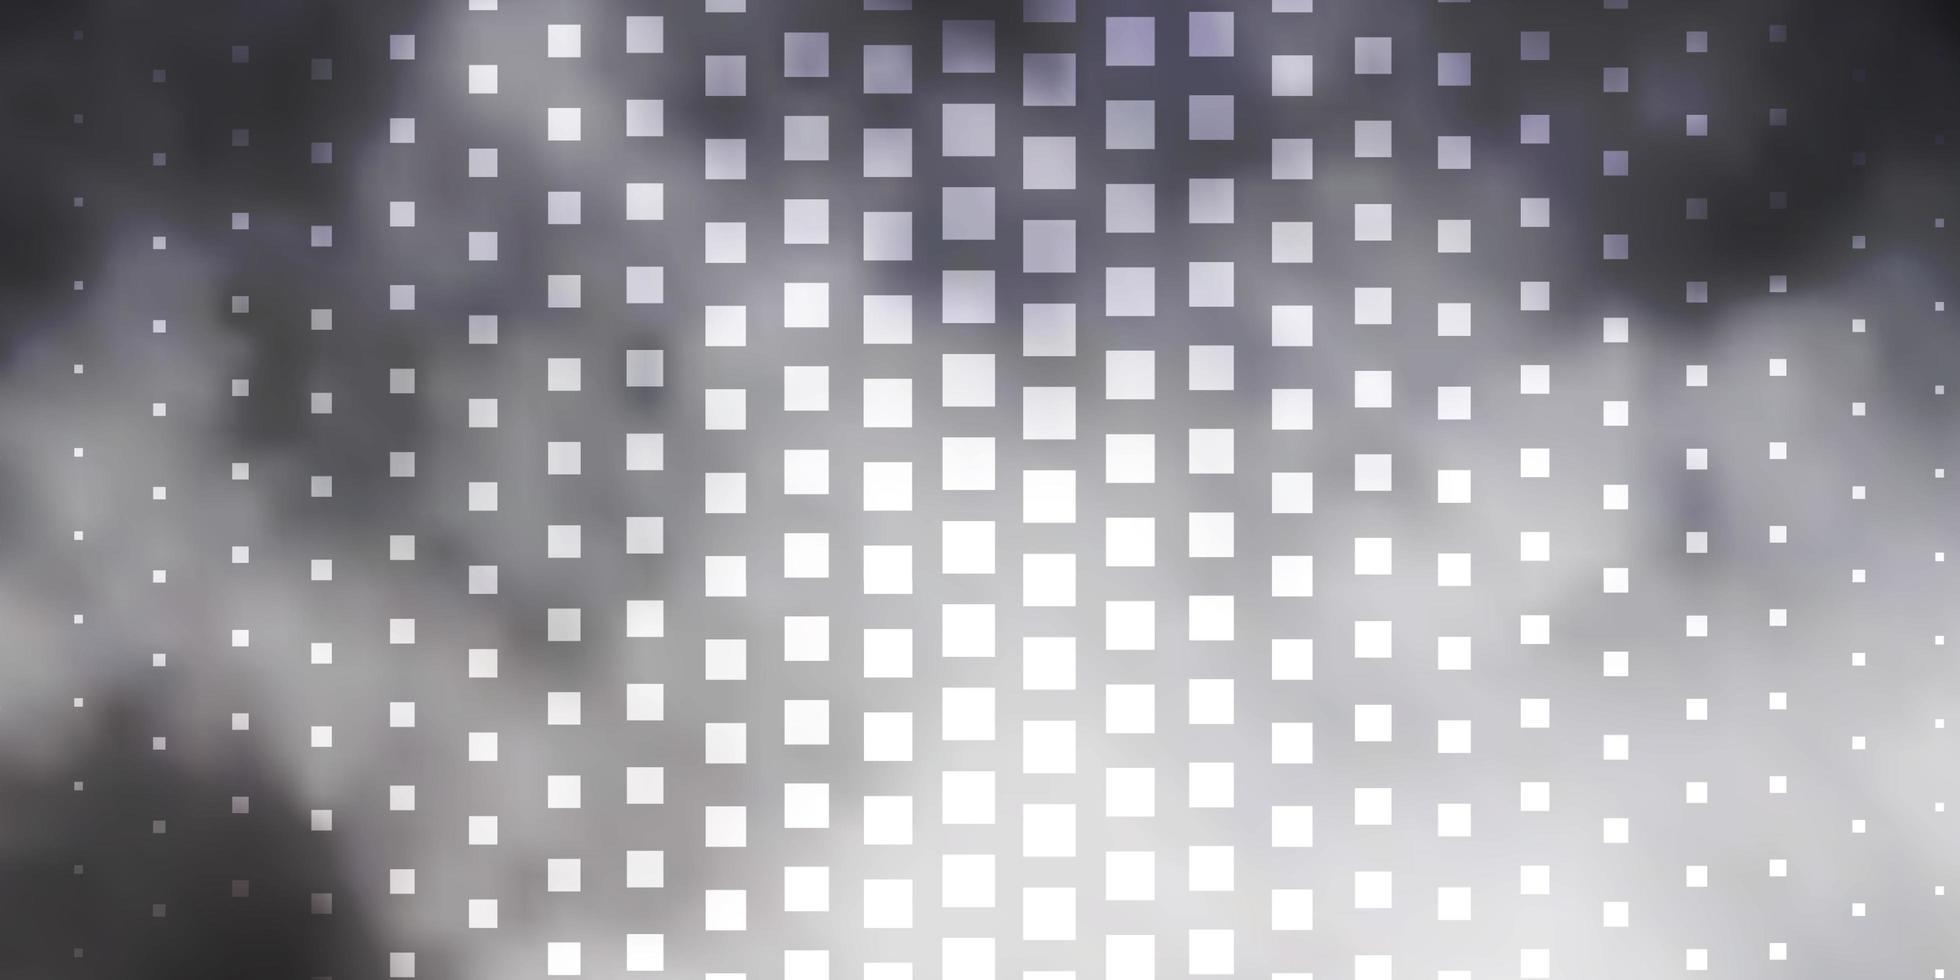 diseño gris claro con líneas, rectángulos. vector